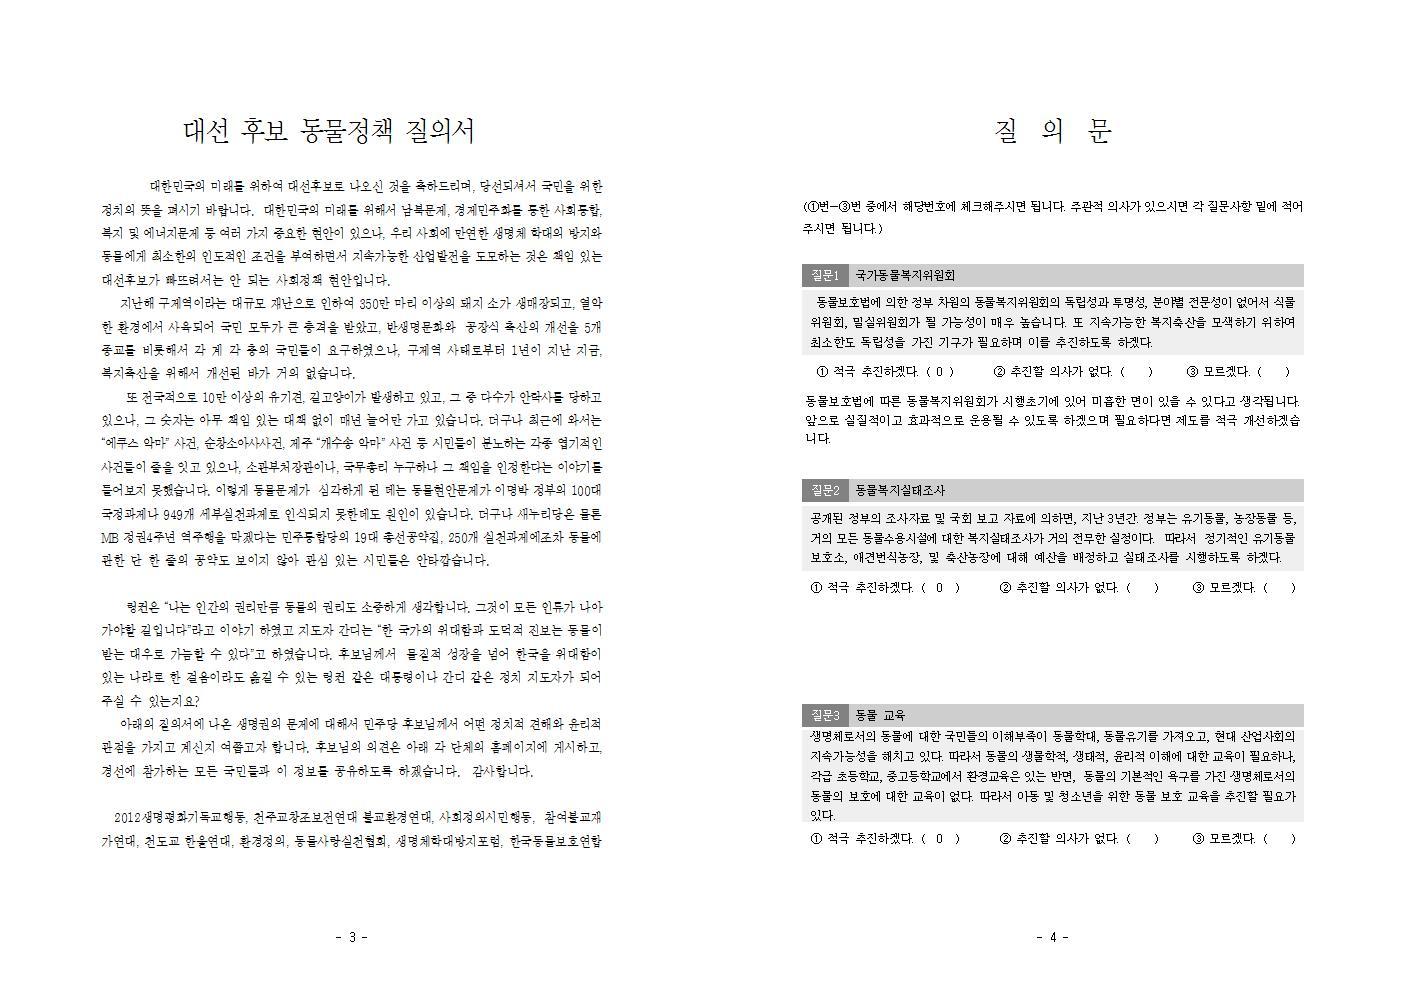 박근혜_동물정책 질의서(회신)002.jpg